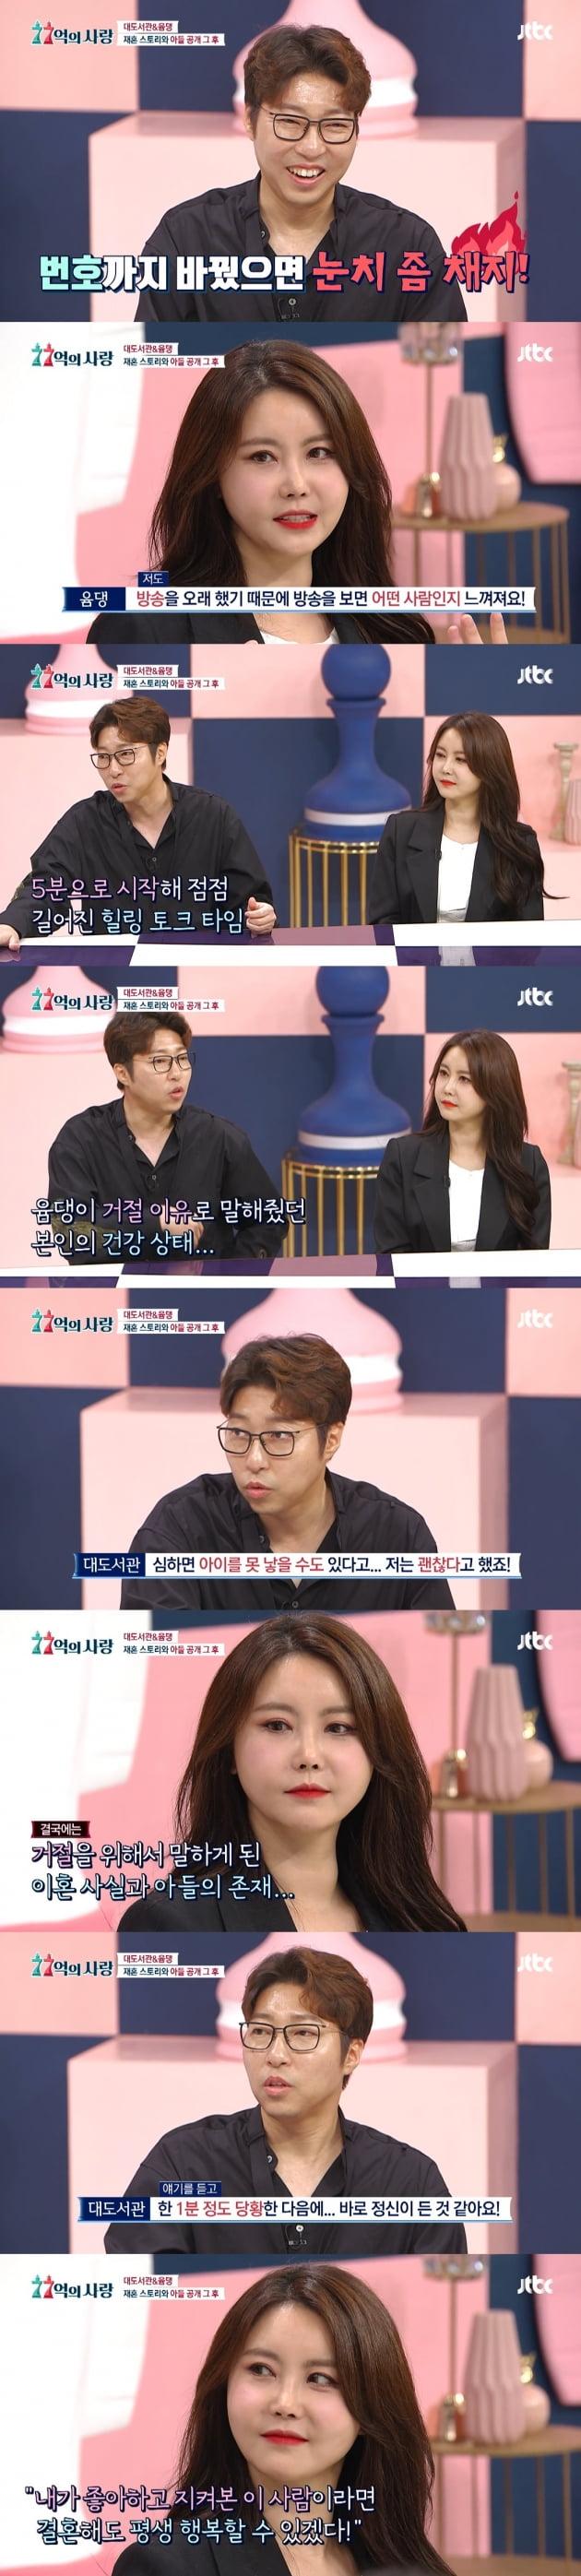 지난 20일 방송된 '77억의 사랑' /사진제공=JTBC